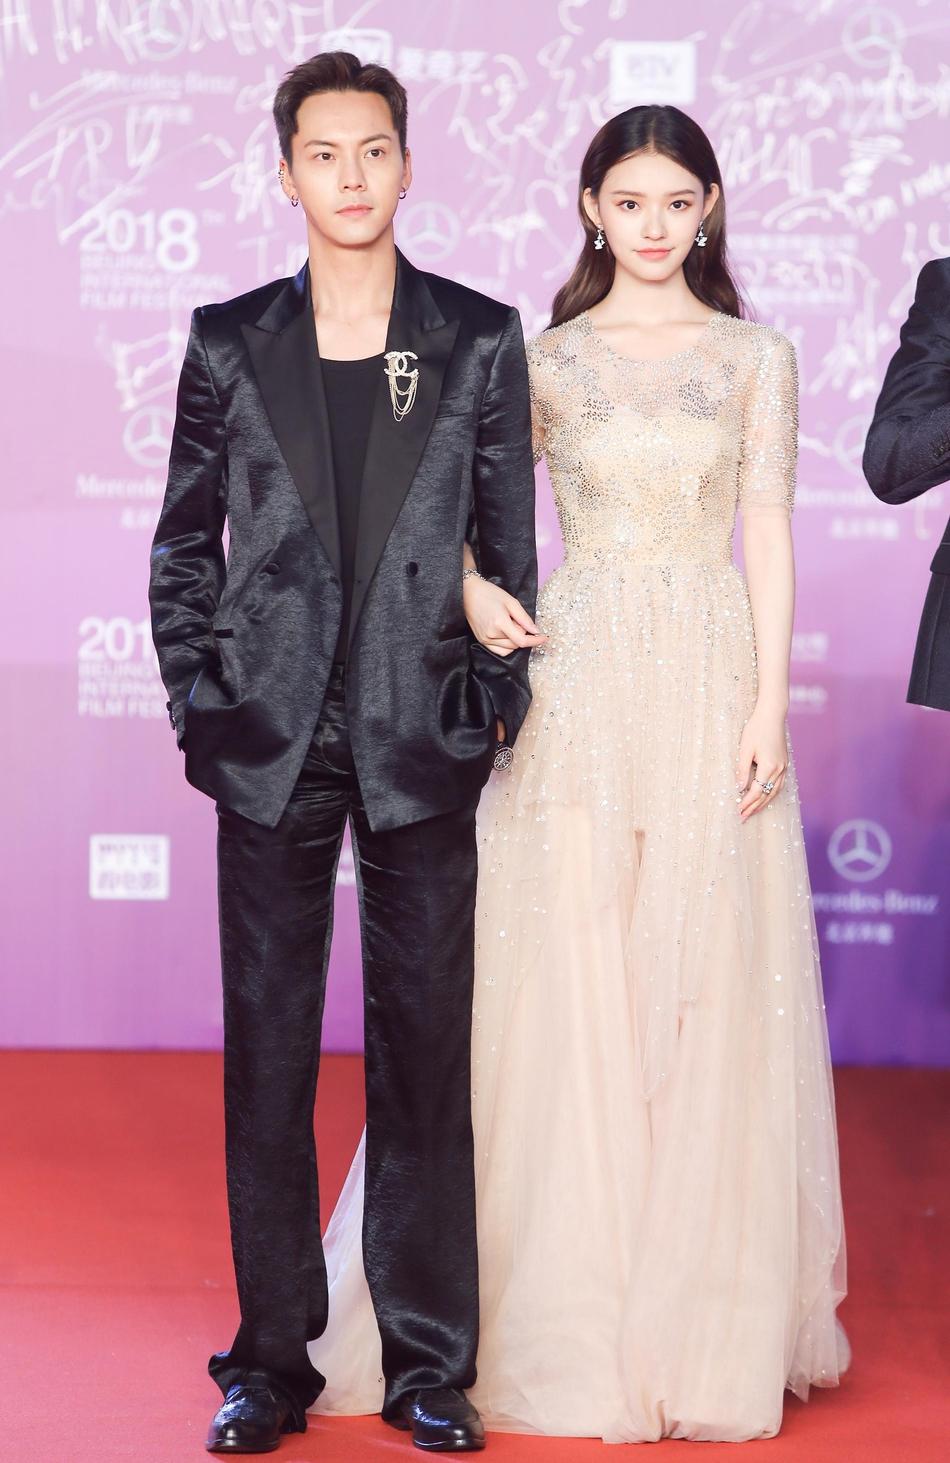 林允亮相北京电影节闭幕式 香槟色长裙优雅气质图片